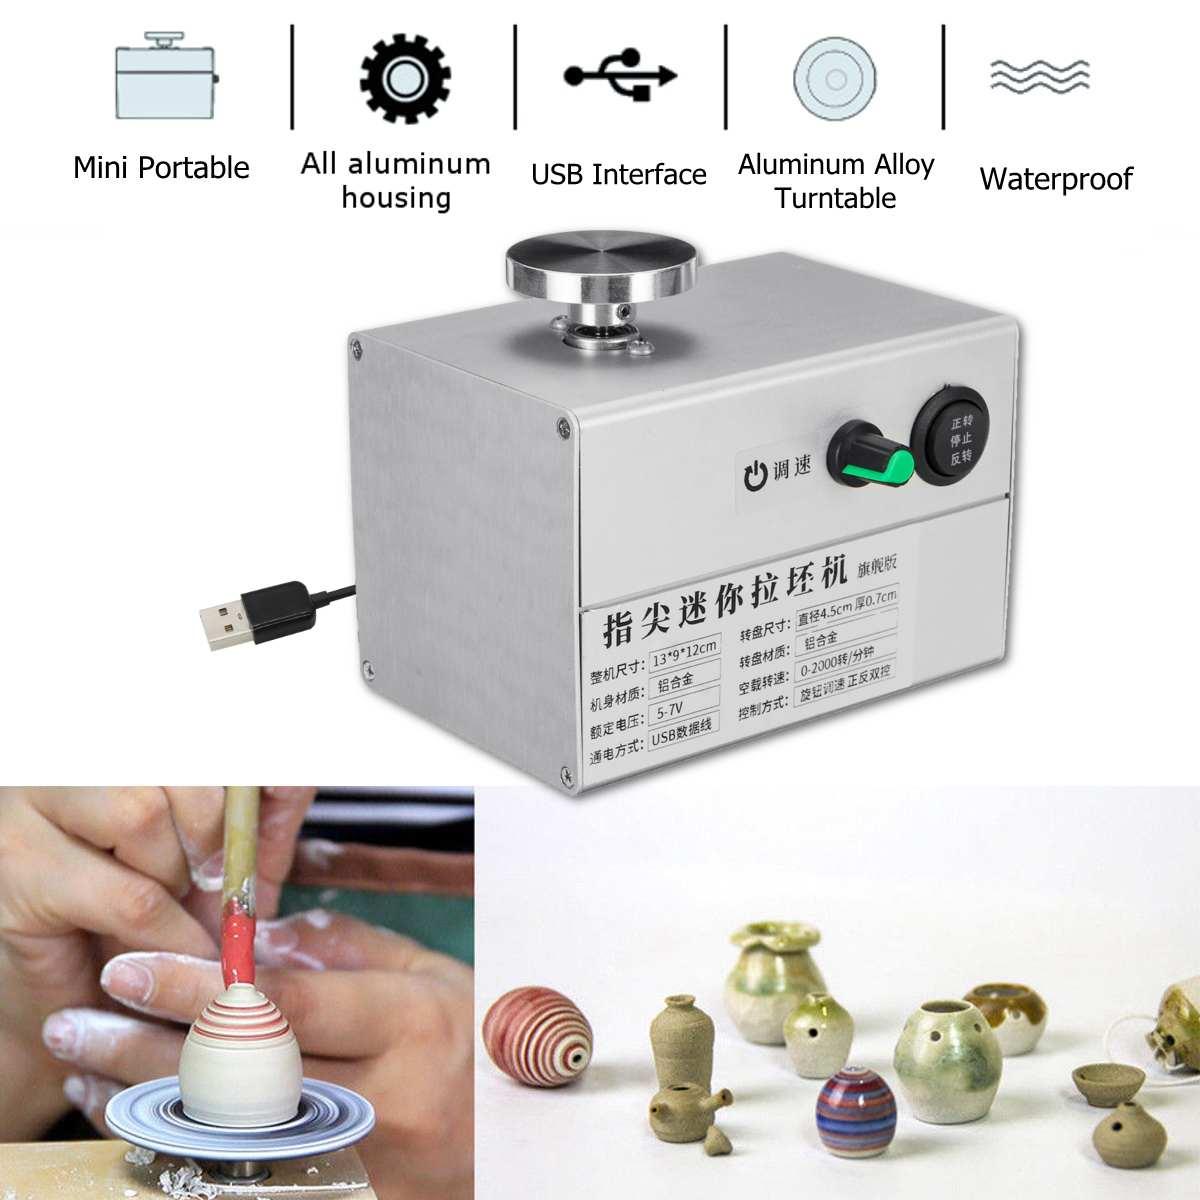 5 V USB doigt Mini poterie roue en céramique Machine 4.5 cm tourne-disque bouton bouton de changement de vitesse en continu